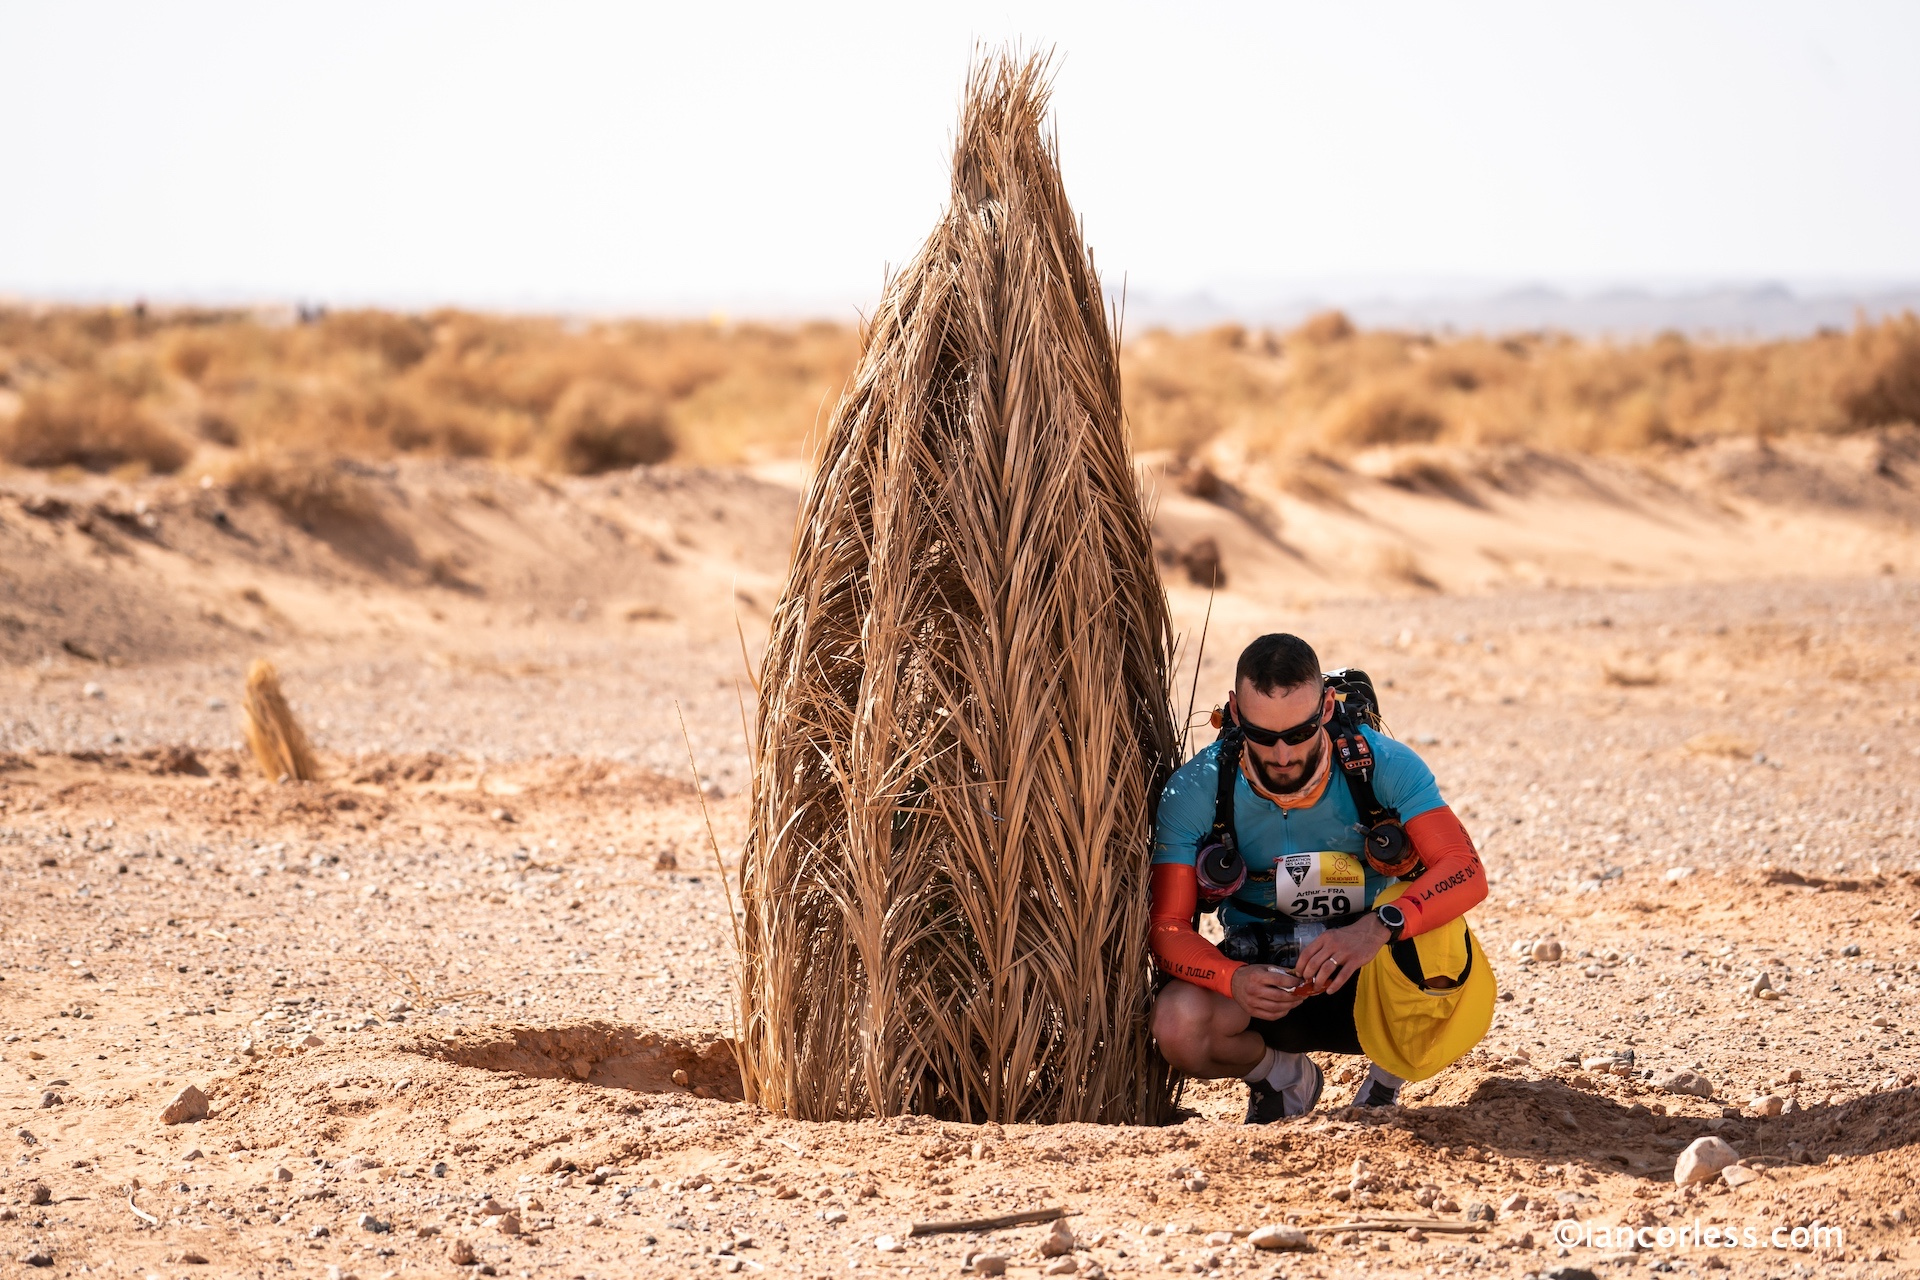 Runner seeking shade in Marathon des Sables